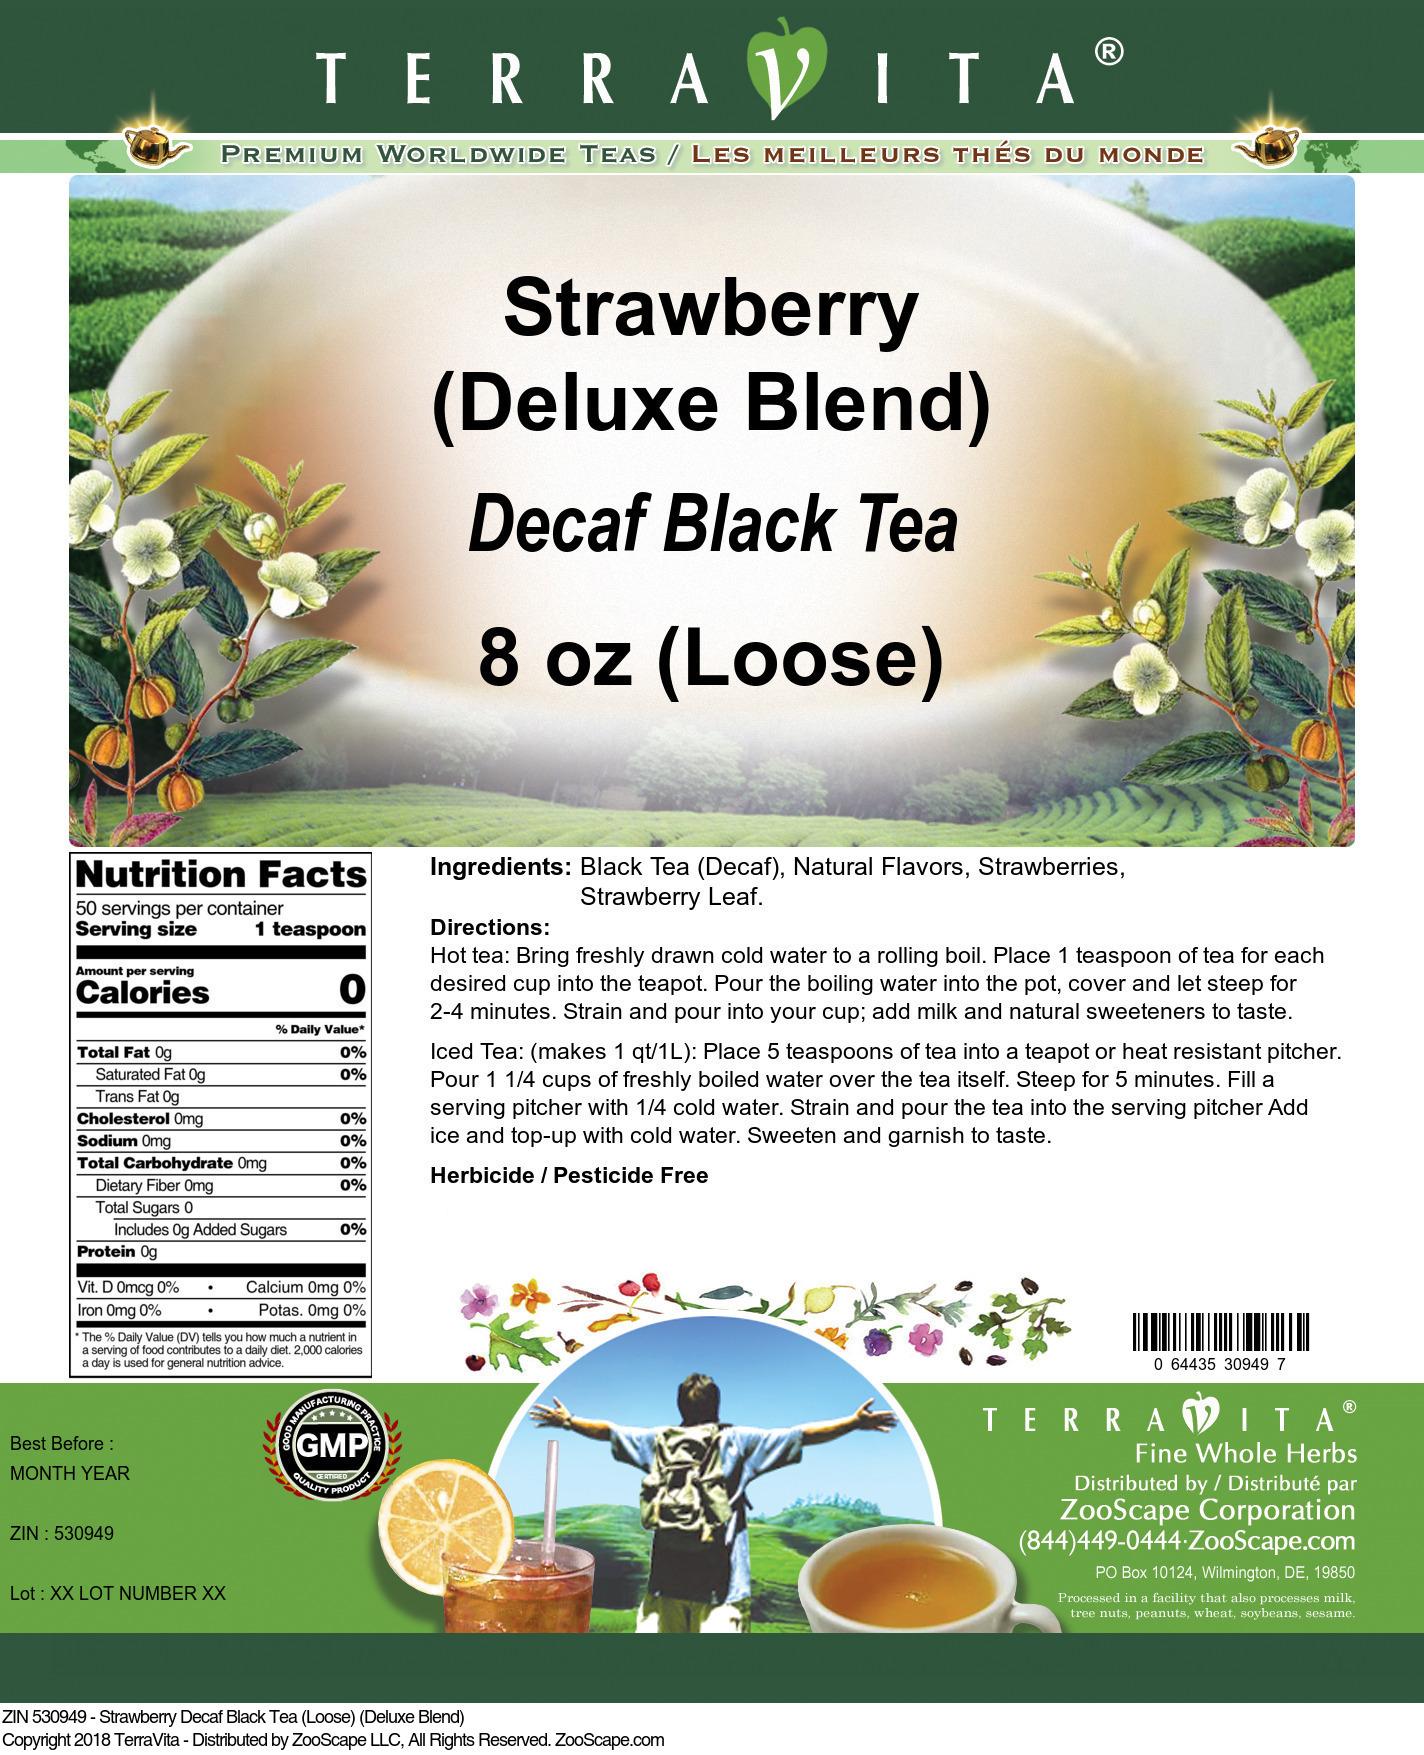 Strawberry Decaf Black Tea